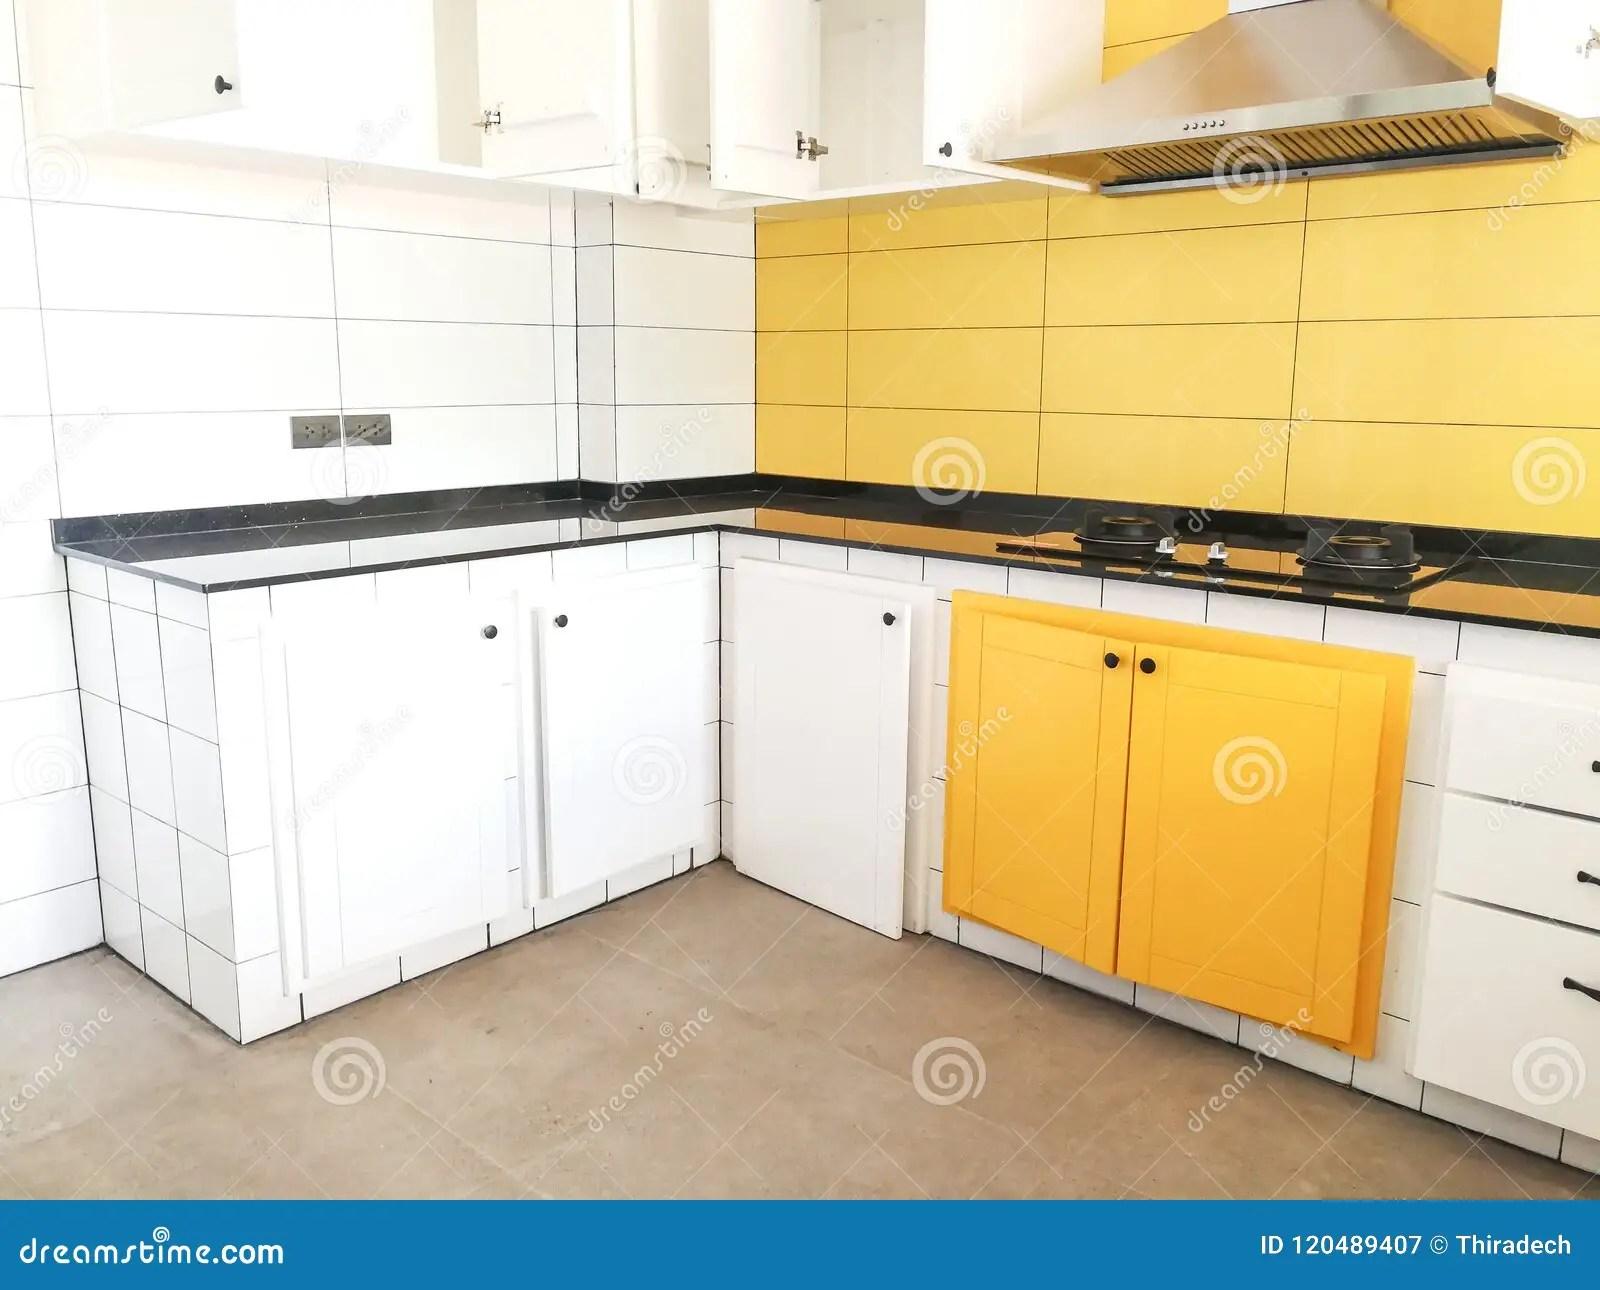 kitchen decor yellow island seats 6 黄色厨房搅拌器白色库存图片 图片包括有机柜 豪华 空间 背包 装饰 背景的黄色厨房搅拌器白色